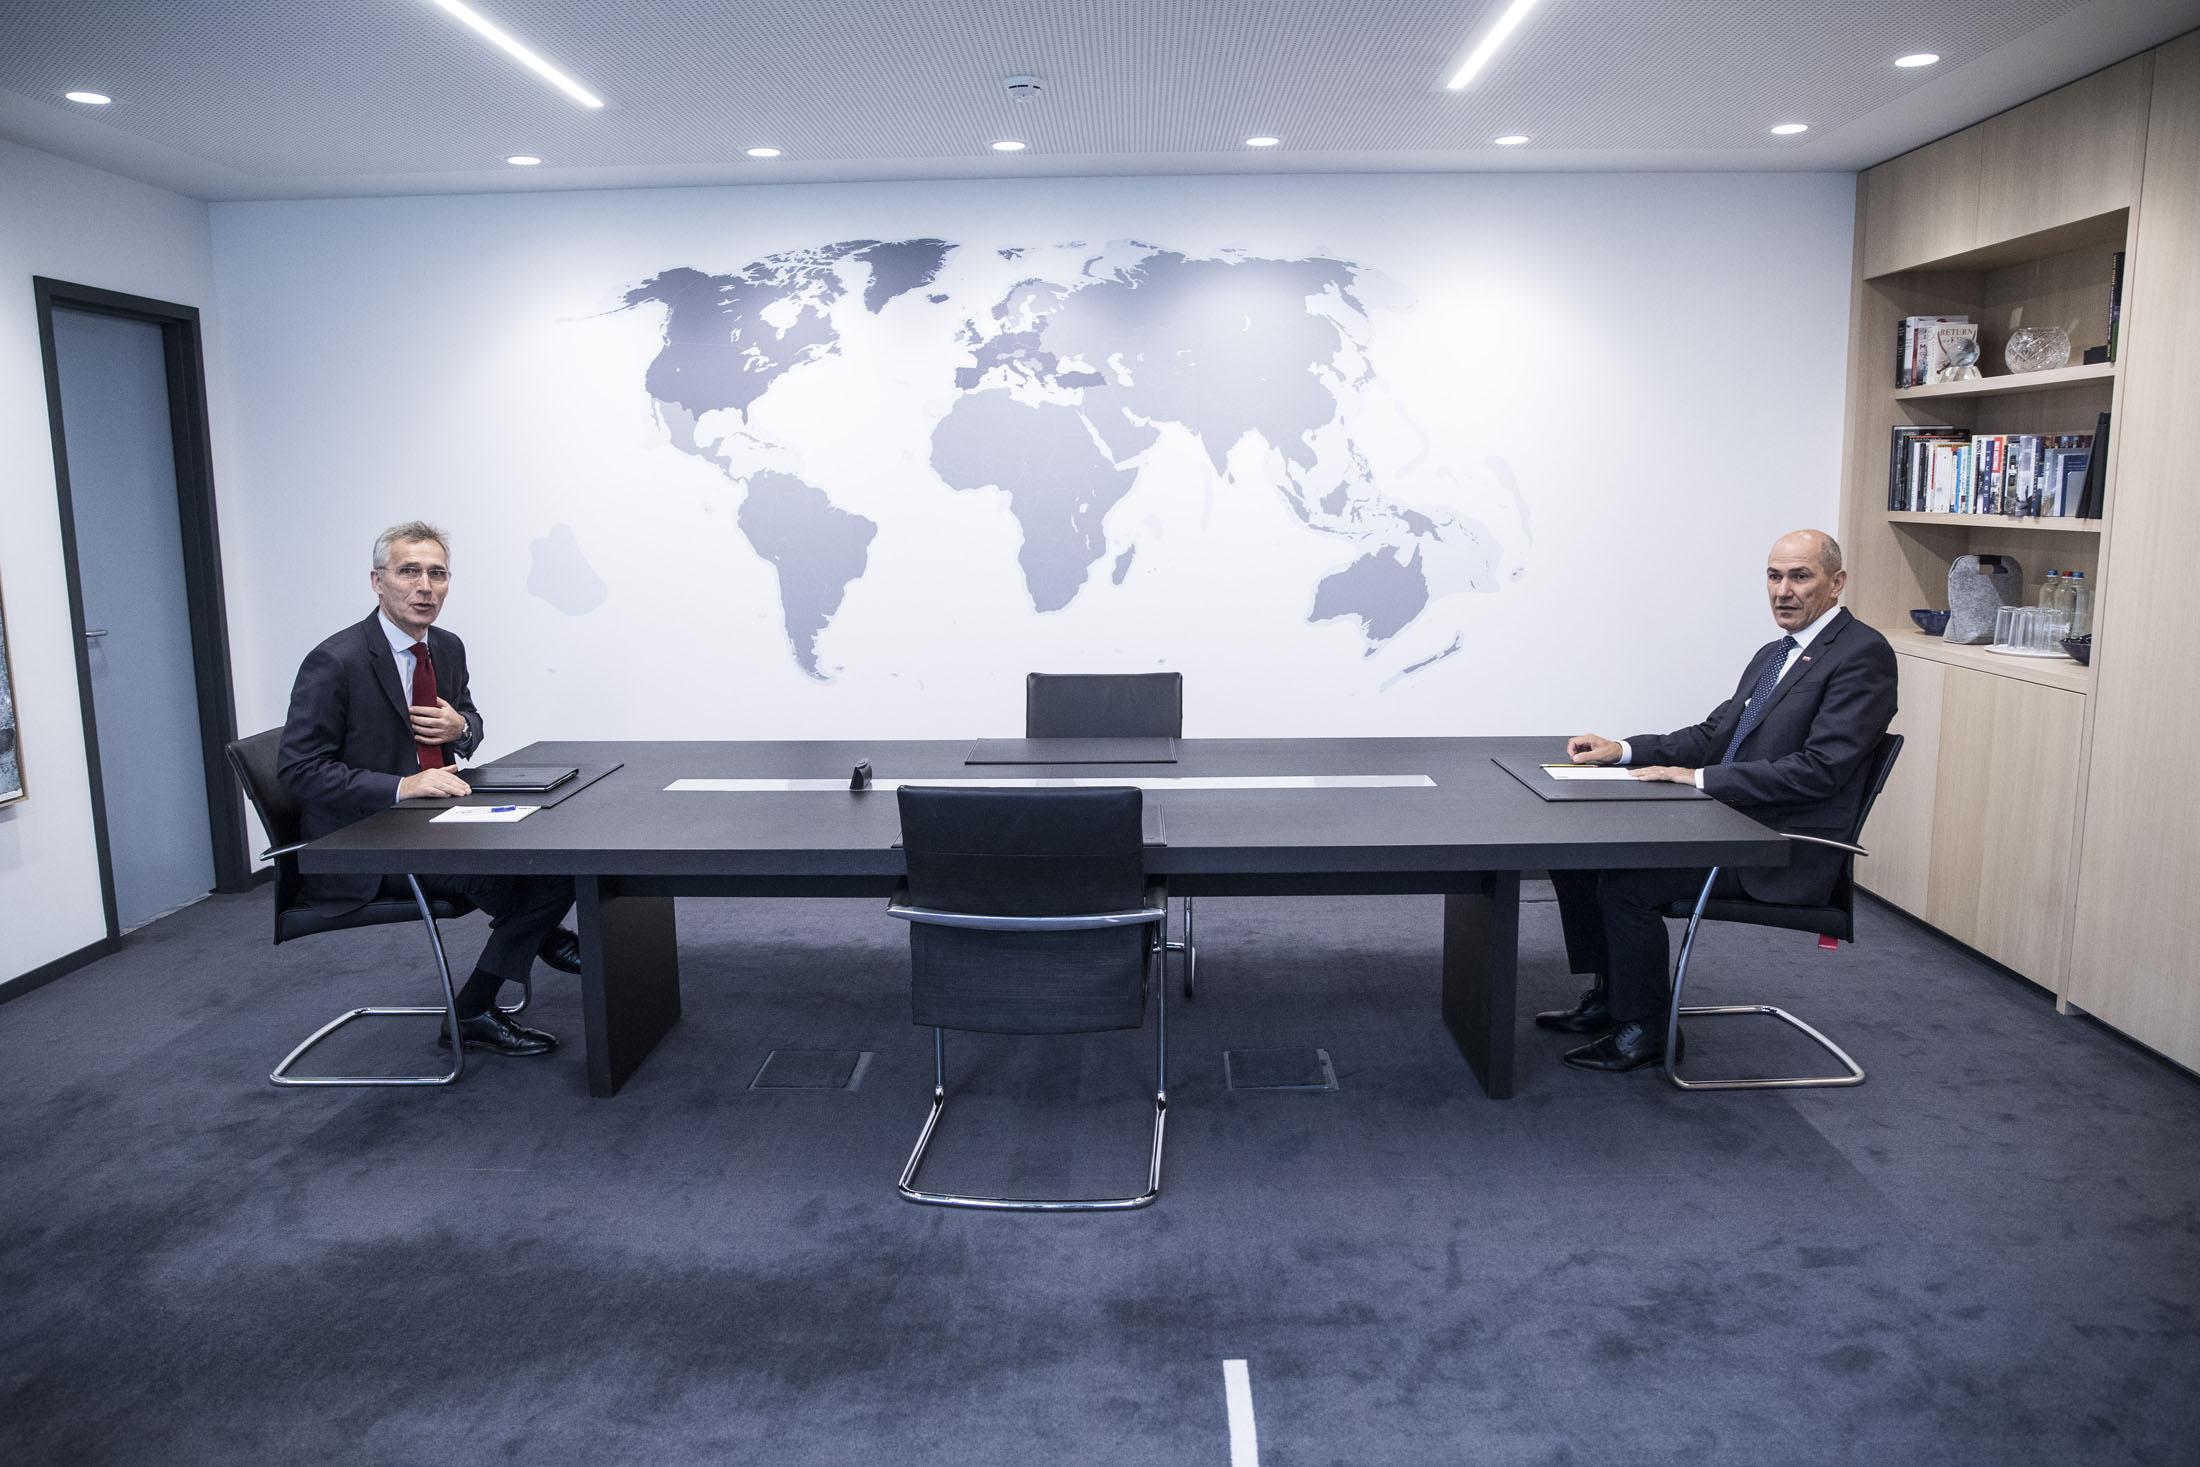 Predsednik vlade Janez Janša na delovnem obisku v Bruslju